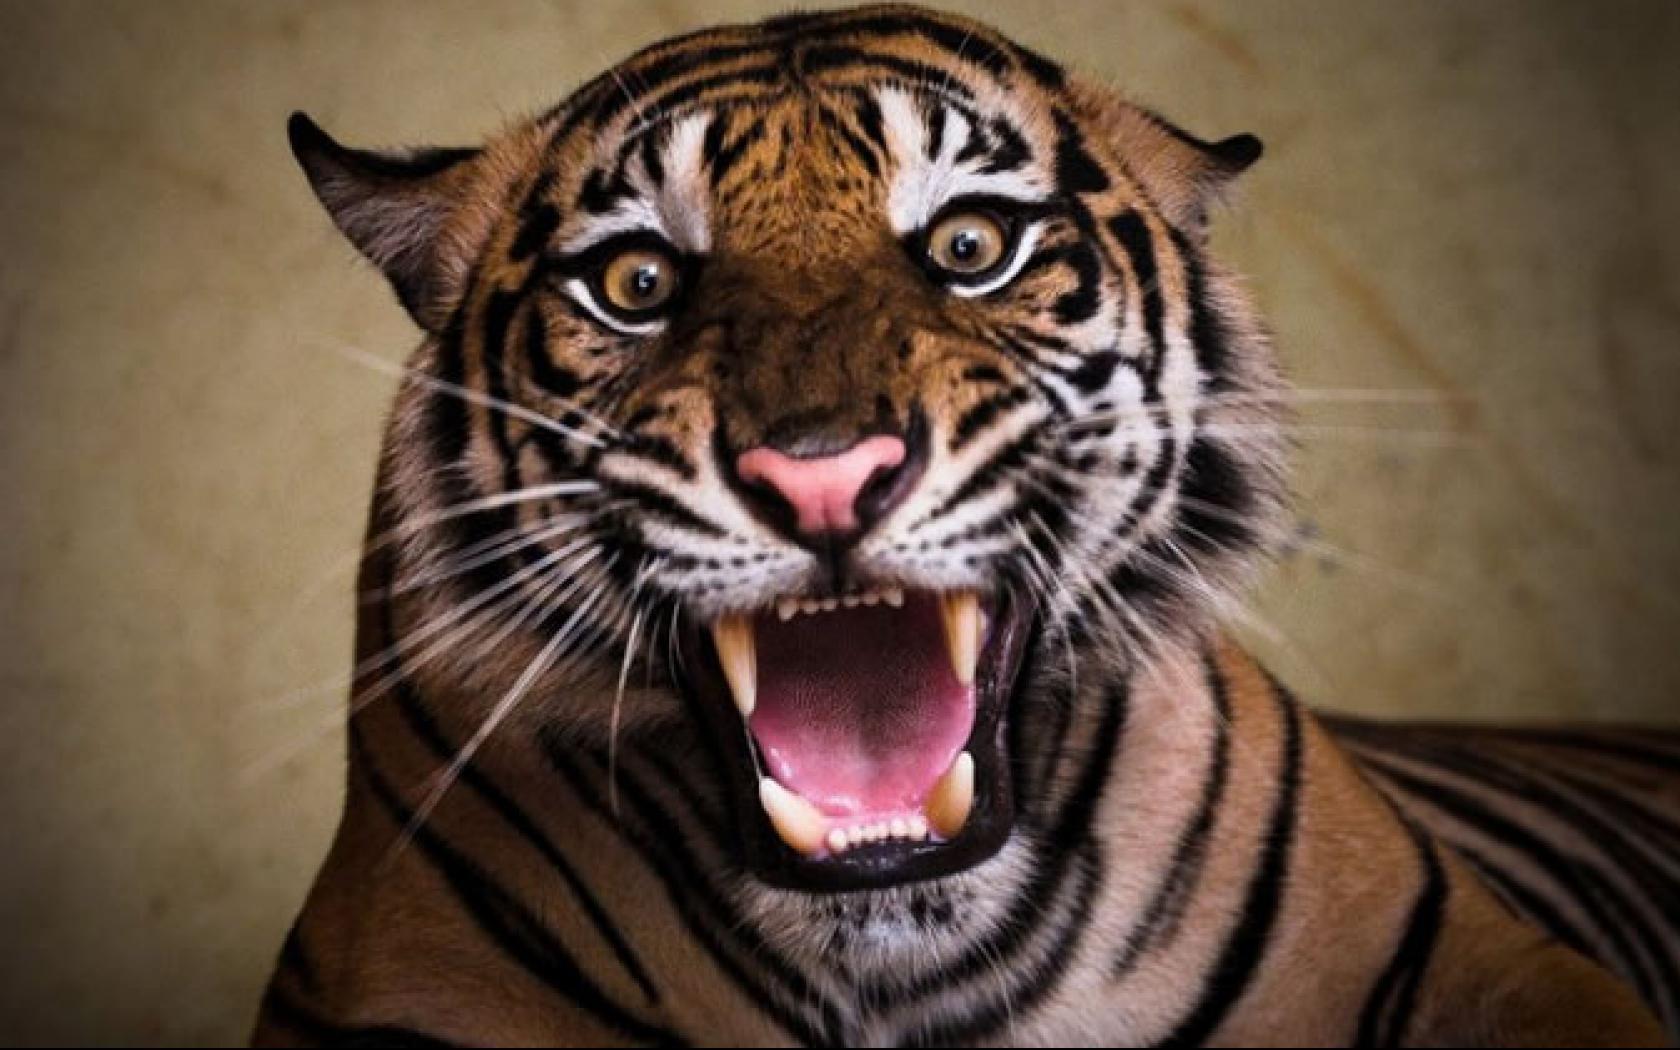 картинки тигр с открытым ртом аспарагуса относят